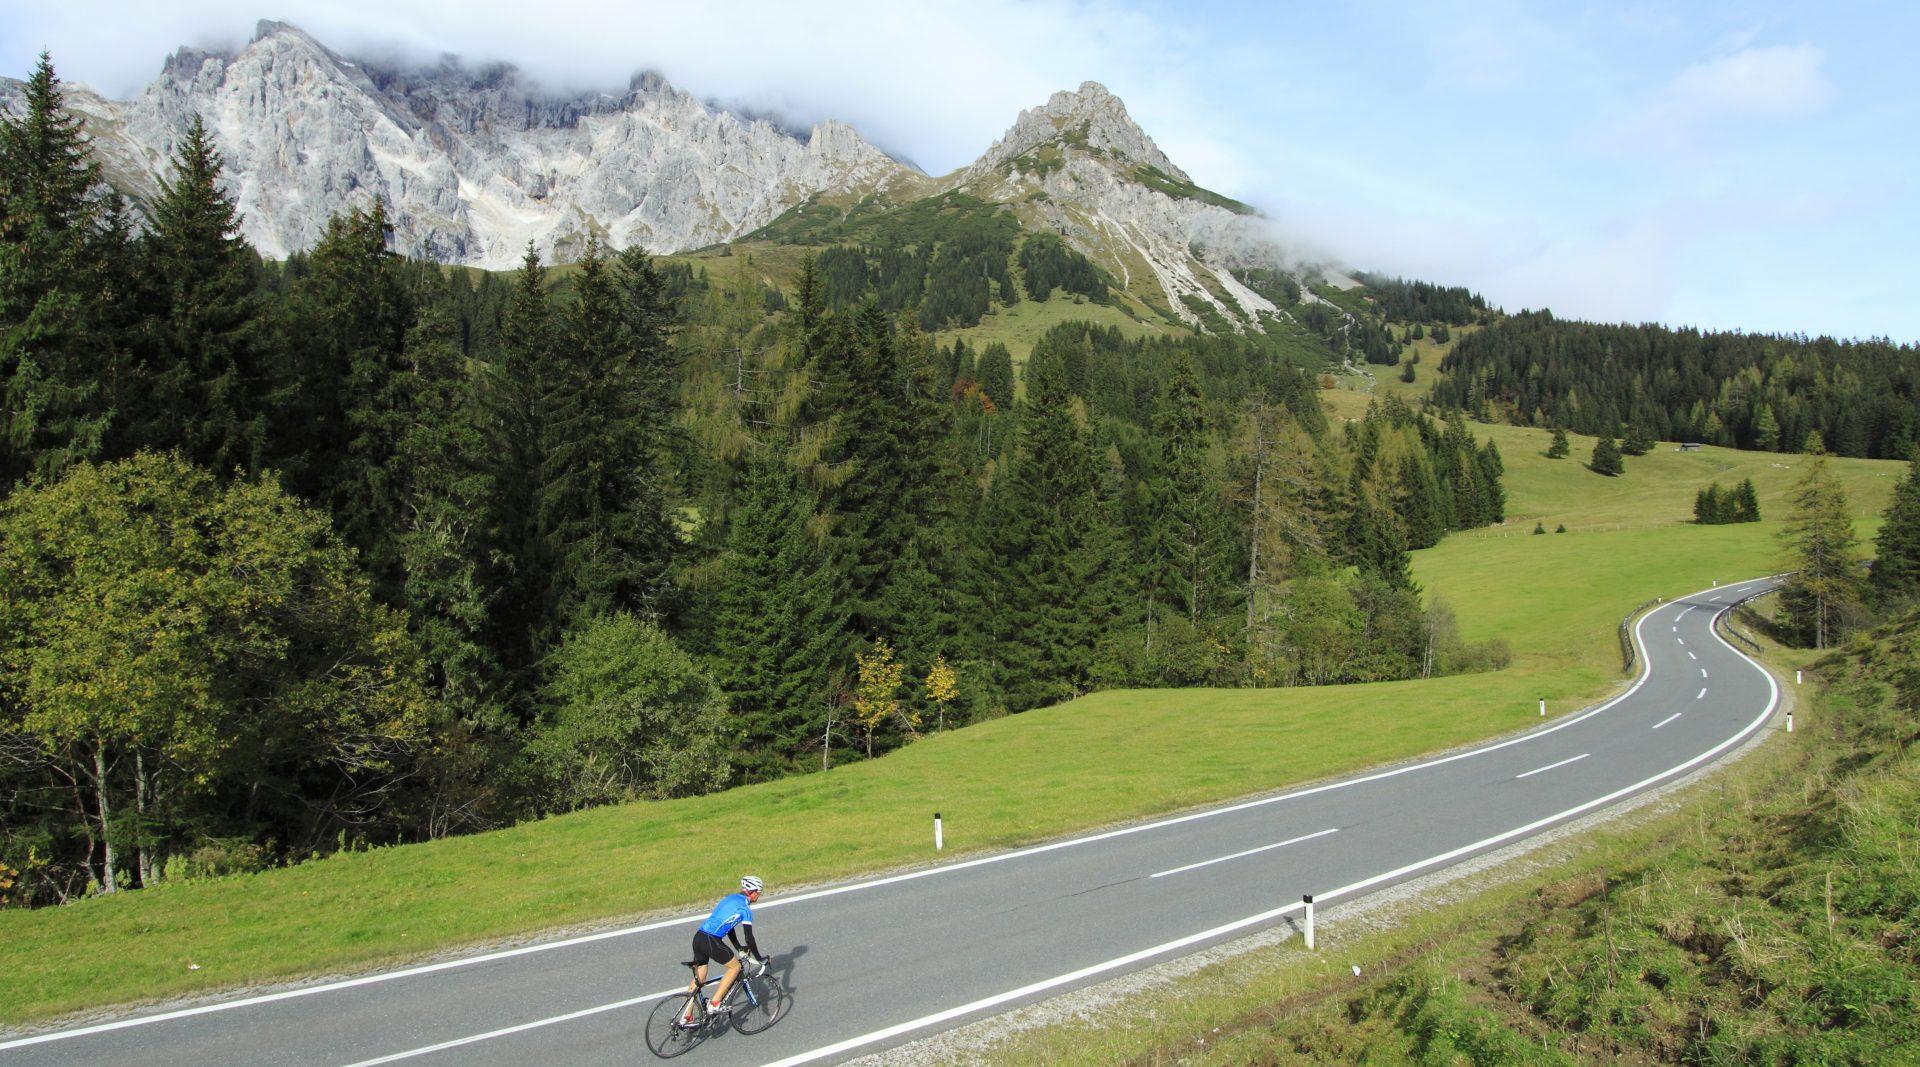 Rennradfahrer fährt eine ansteigende Straße hinauf und hat dabei die Berge im Blick.